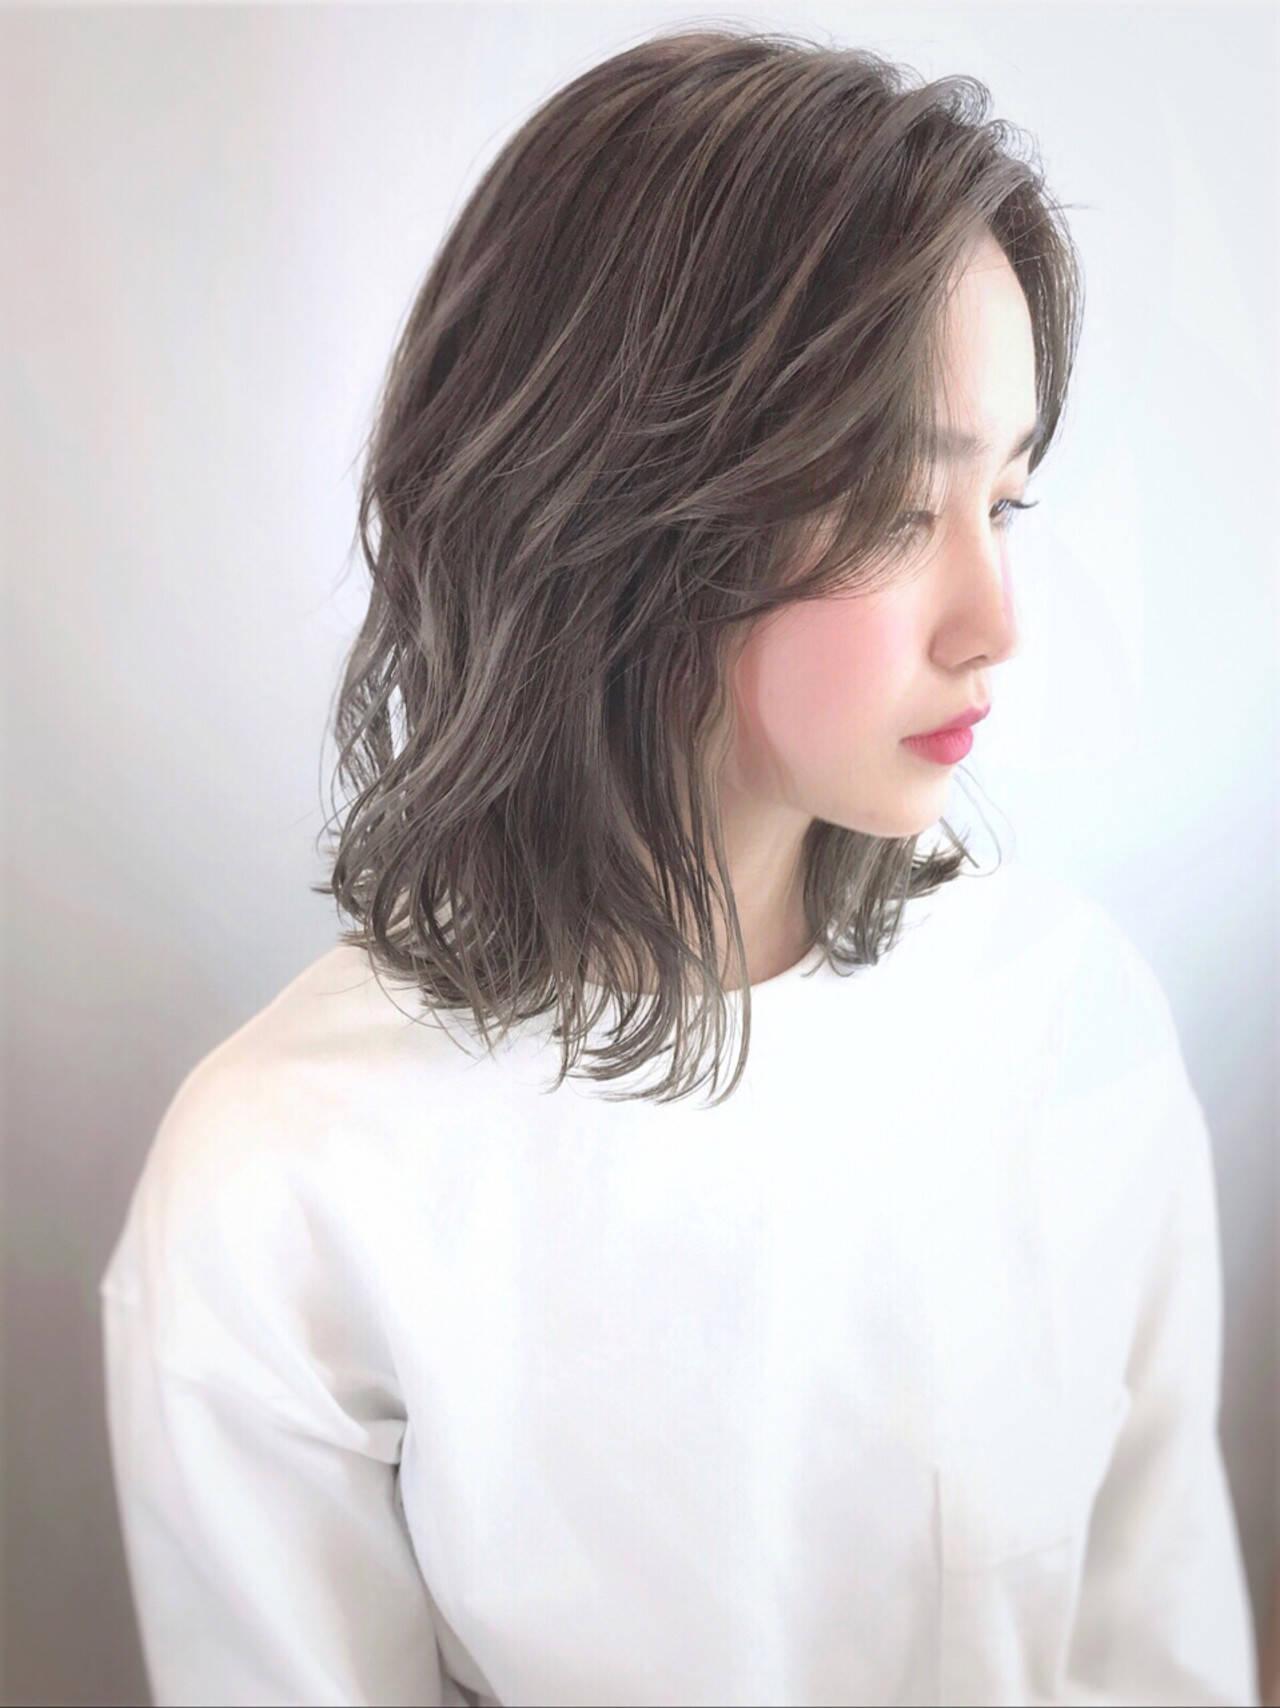 ニュアンスヘア コンサバ 抜け感 ハイライトヘアスタイルや髪型の写真・画像